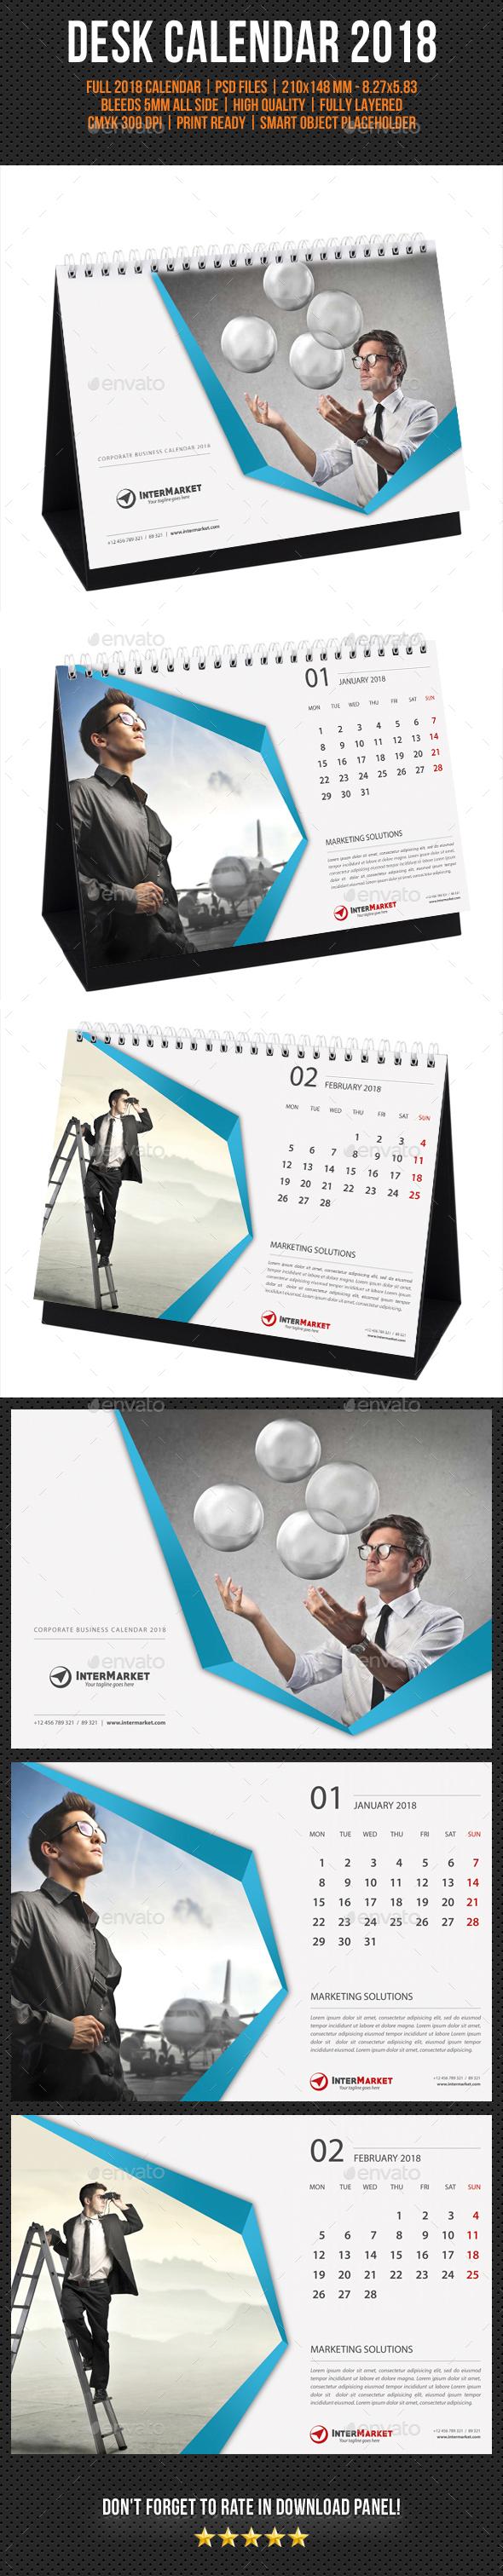 Corporate Desk Calendar 2018 V02 - Calendars Stationery